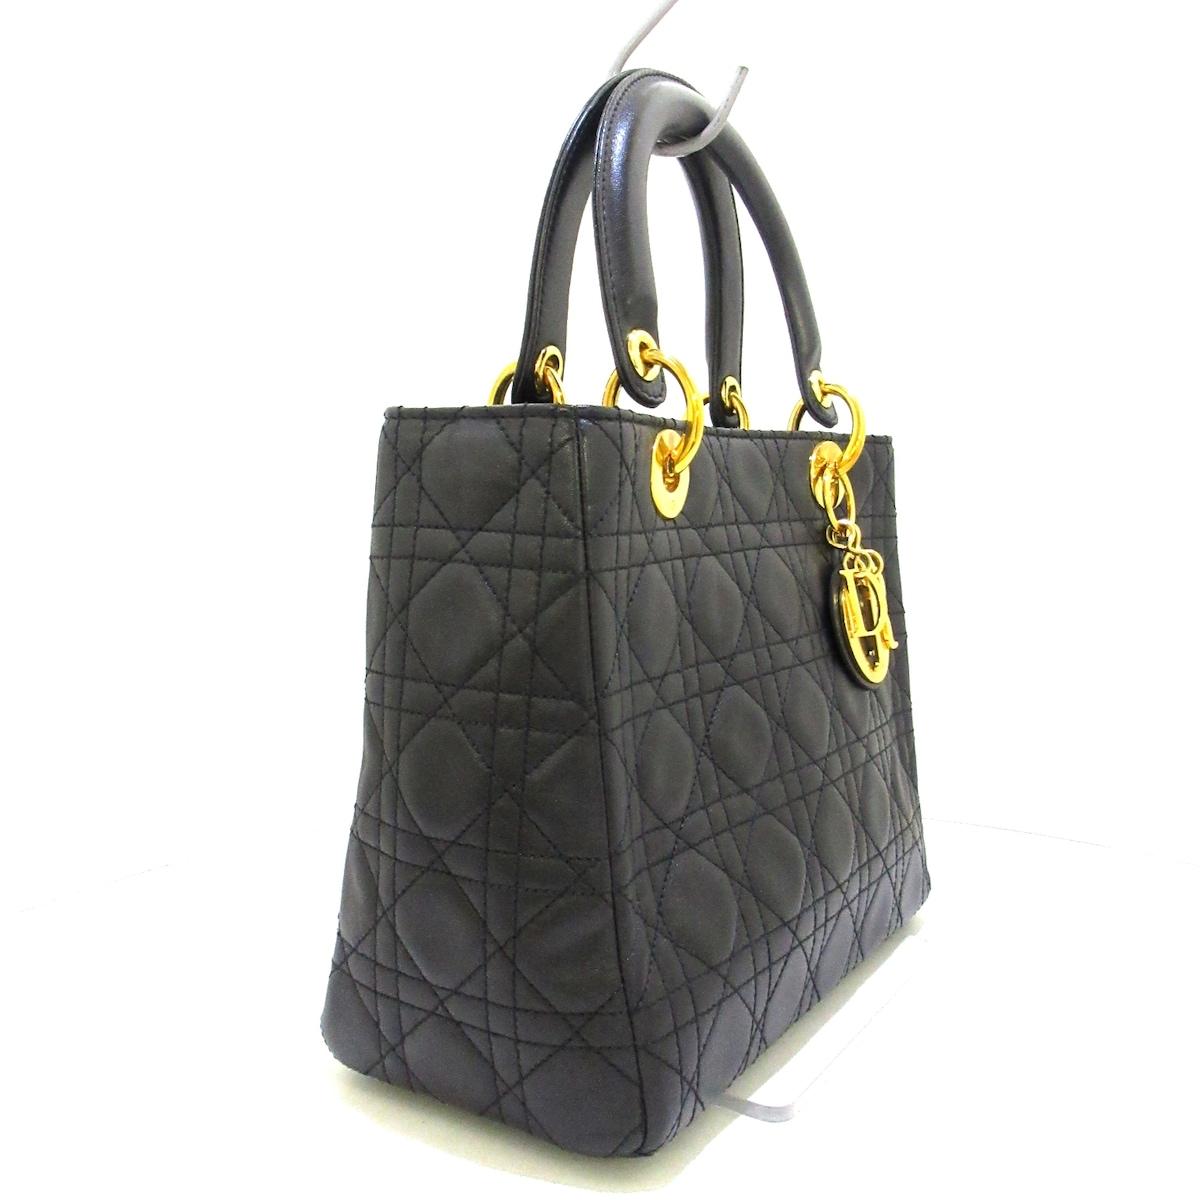 DIOR/ChristianDior(ディオール/クリスチャンディオール)のレディディオールミディアムバッグ